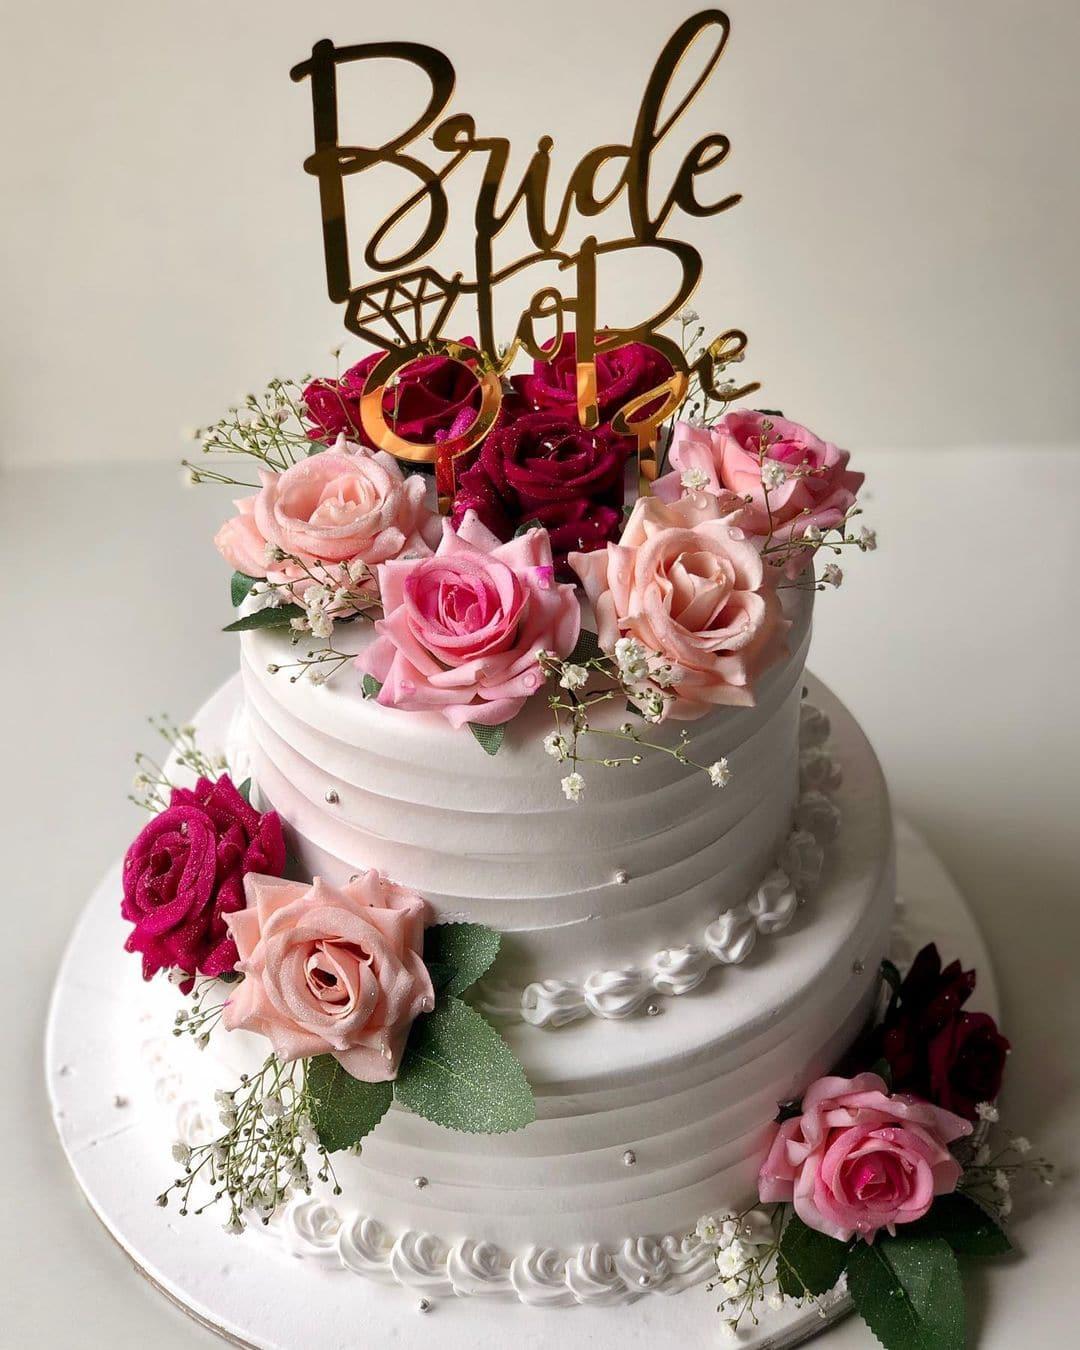 Bride to Be Cake Nepal